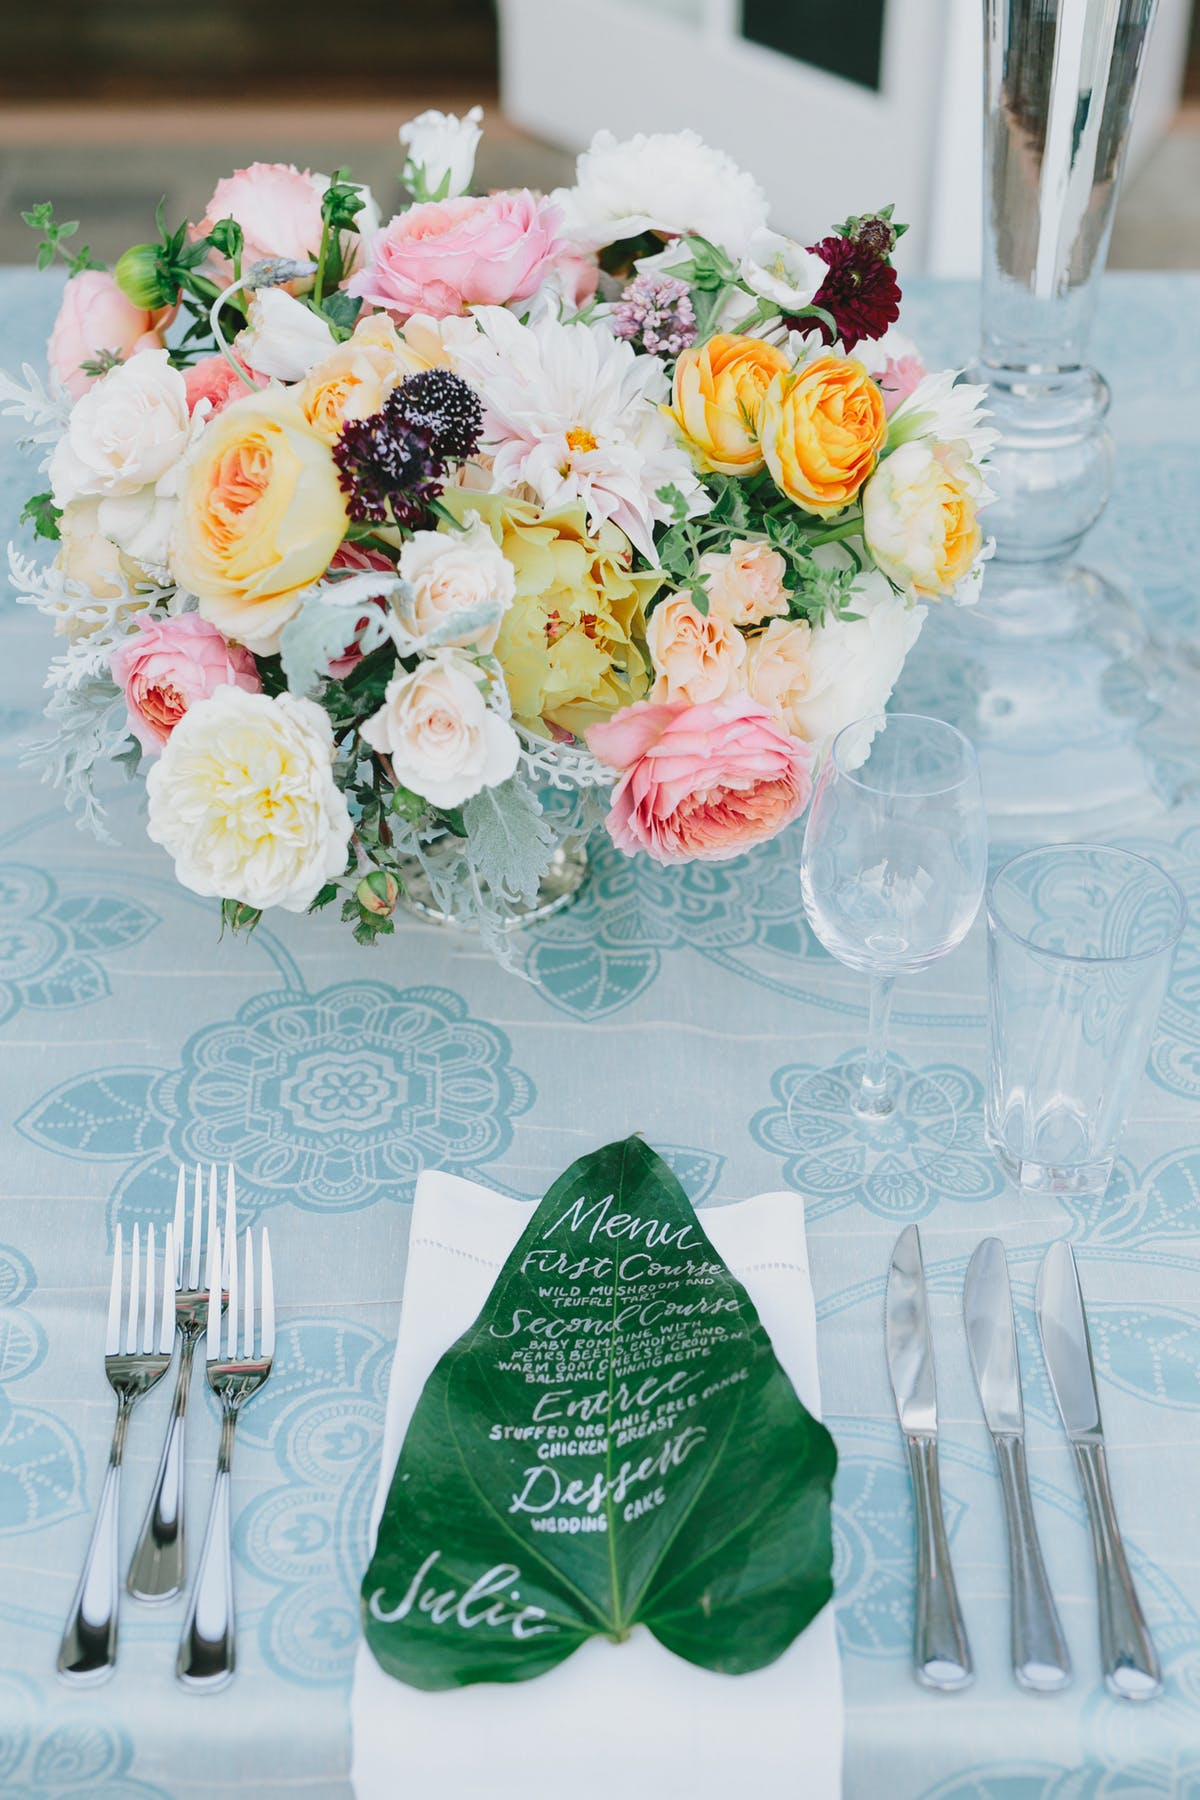 www.santabarbarawedding.com | San Ysidro Ranch | Alegria by Design | Jake + Necia Photography | Monstera Leaf Menu